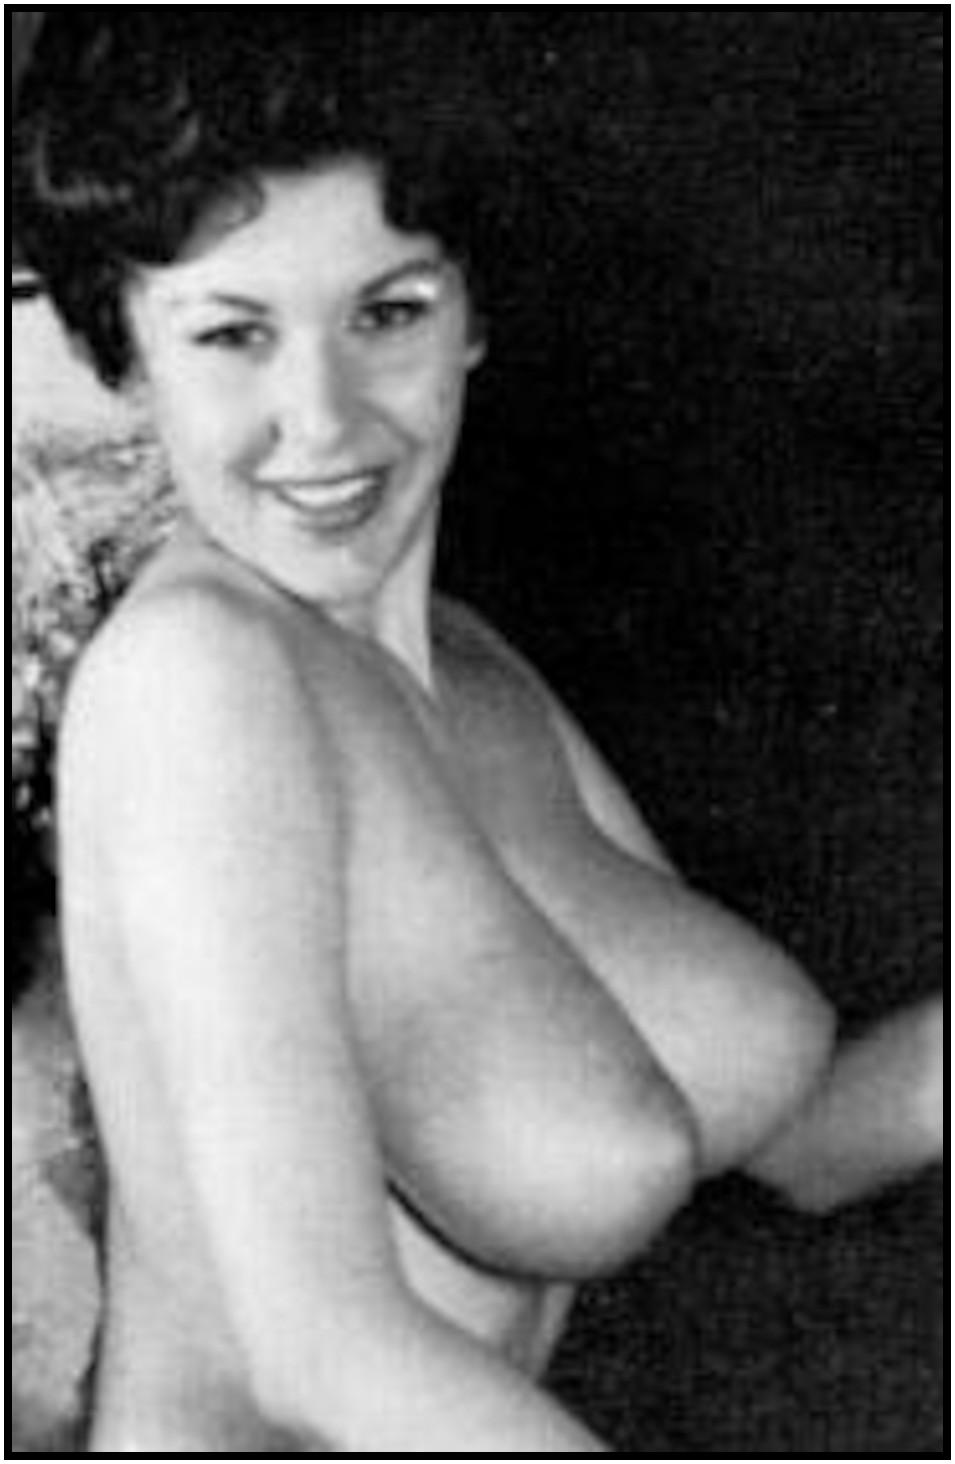 nude vintage Elaine reynolds